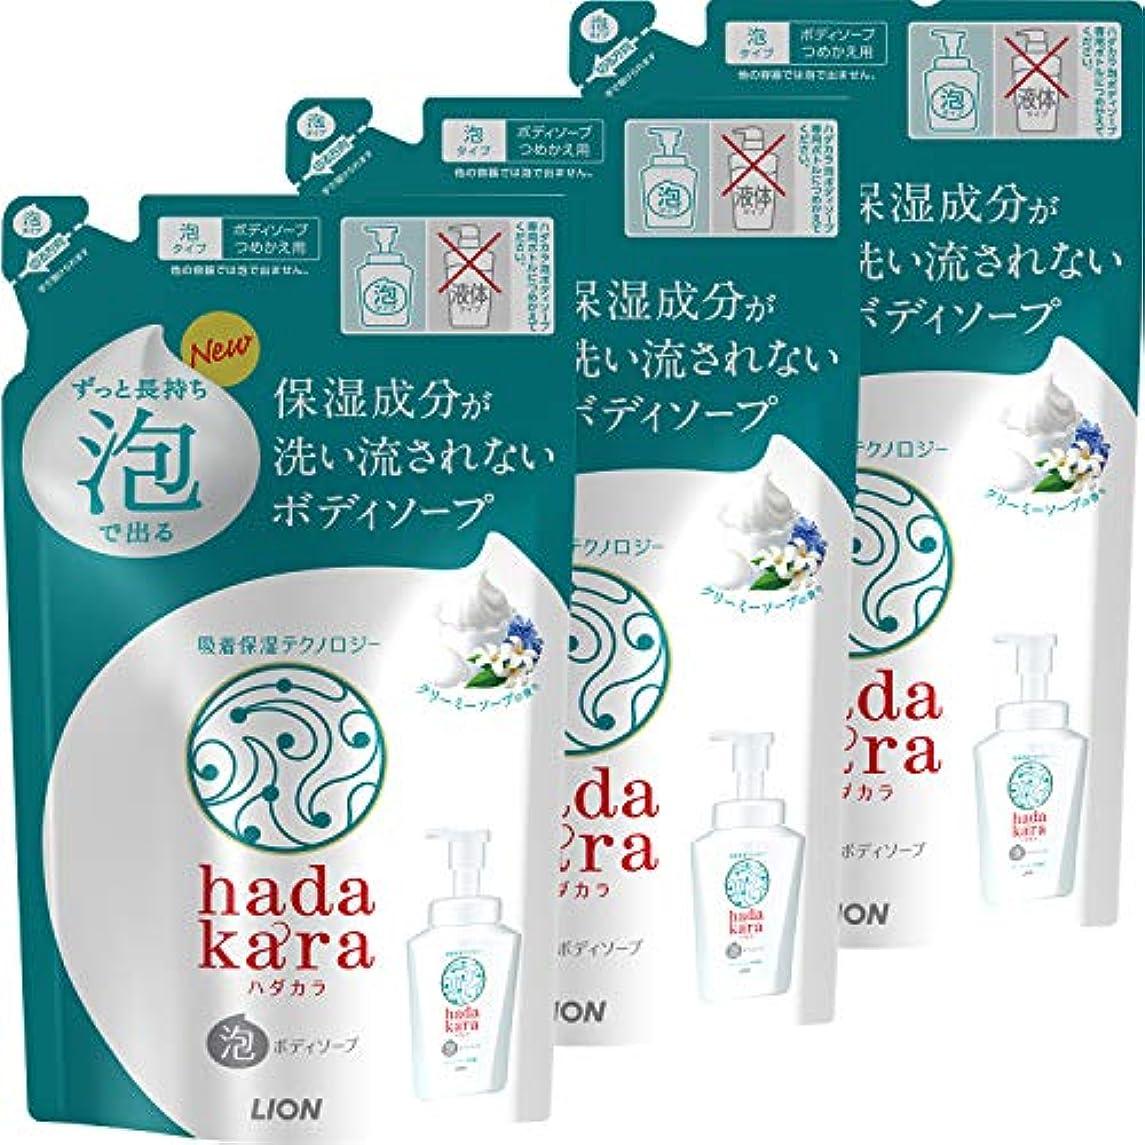 カメ独特のマットhadakara(ハダカラ) ボディソープ 泡タイプ クリーミーソープの香り 詰替440ml×3個